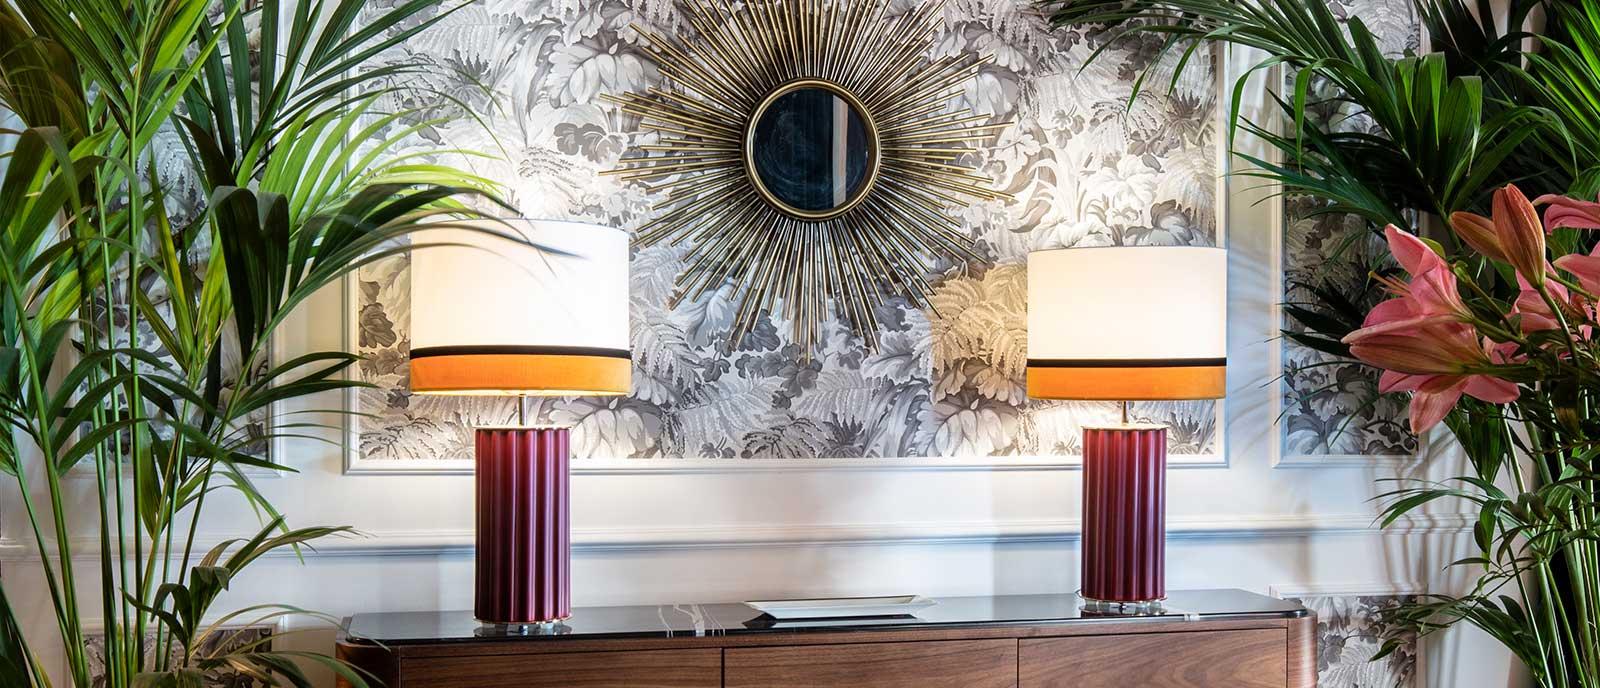 Casa Decor 2021: Espacios elegantes de Diseñadores de Interiores lujuosos casa decor 2021 Casa Decor 2021: Espacios elegantes de Diseñadores de Interiores lujuosos 11